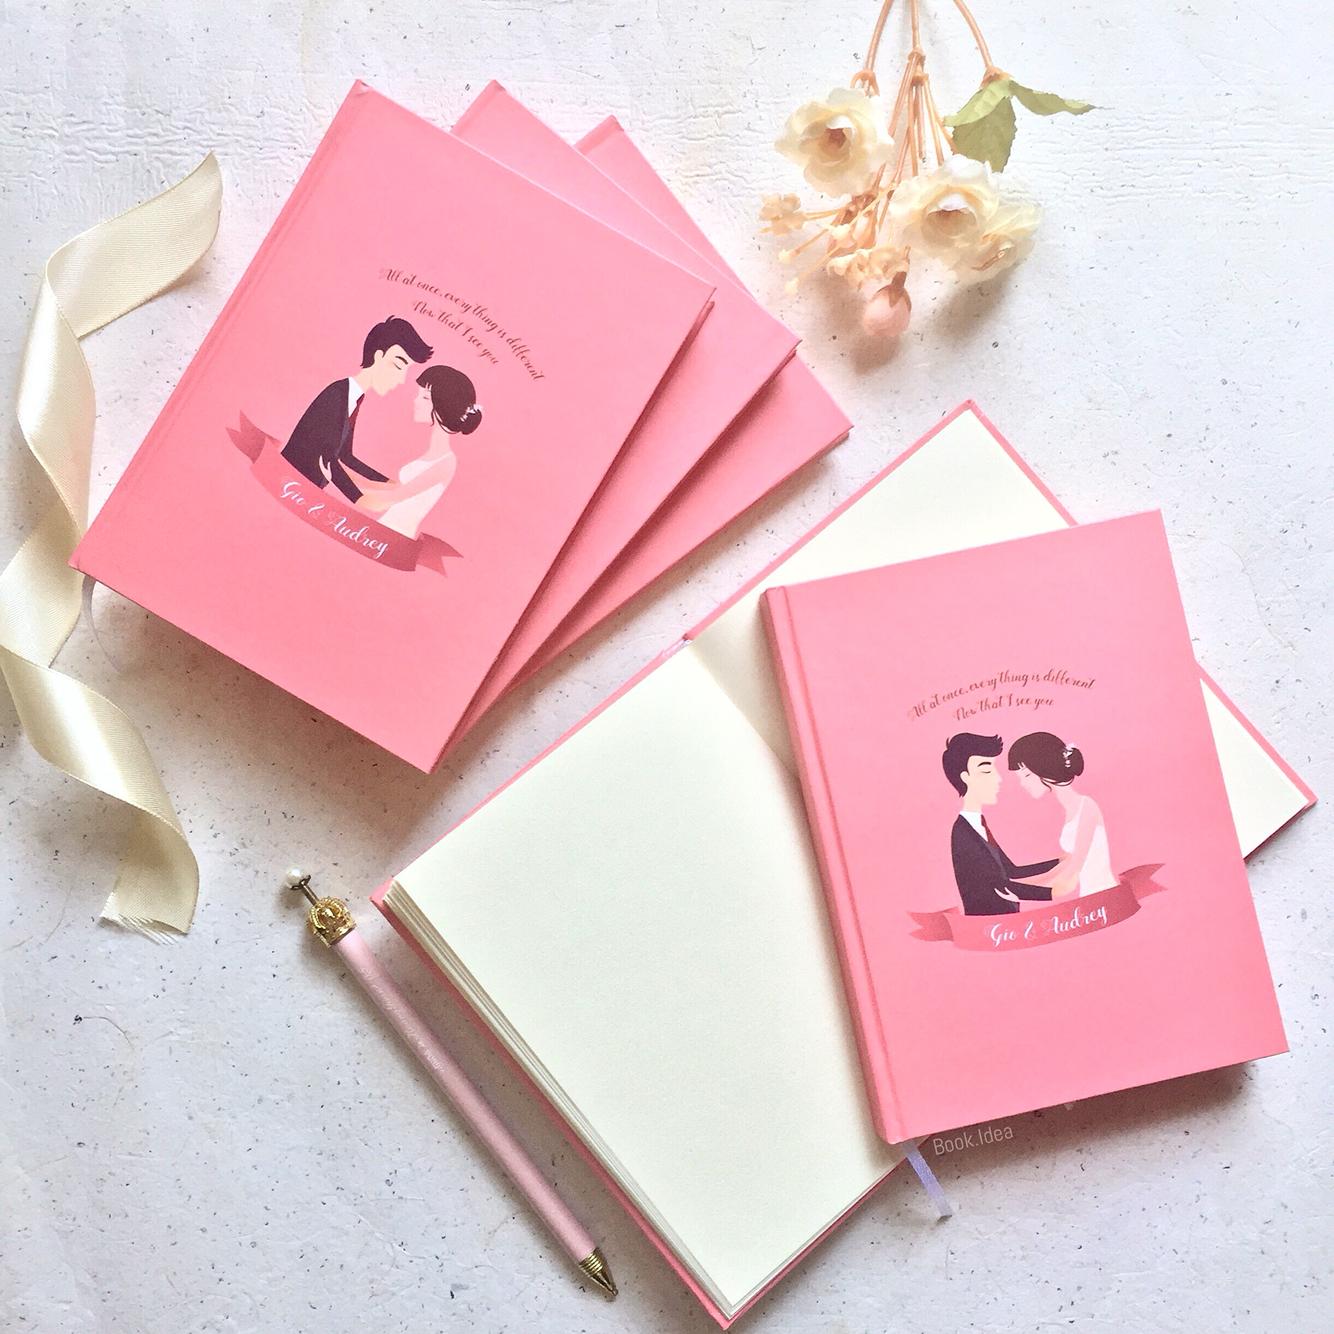 Notebook as wedding souvenir of Gio & Audrey by Book.Idea ...